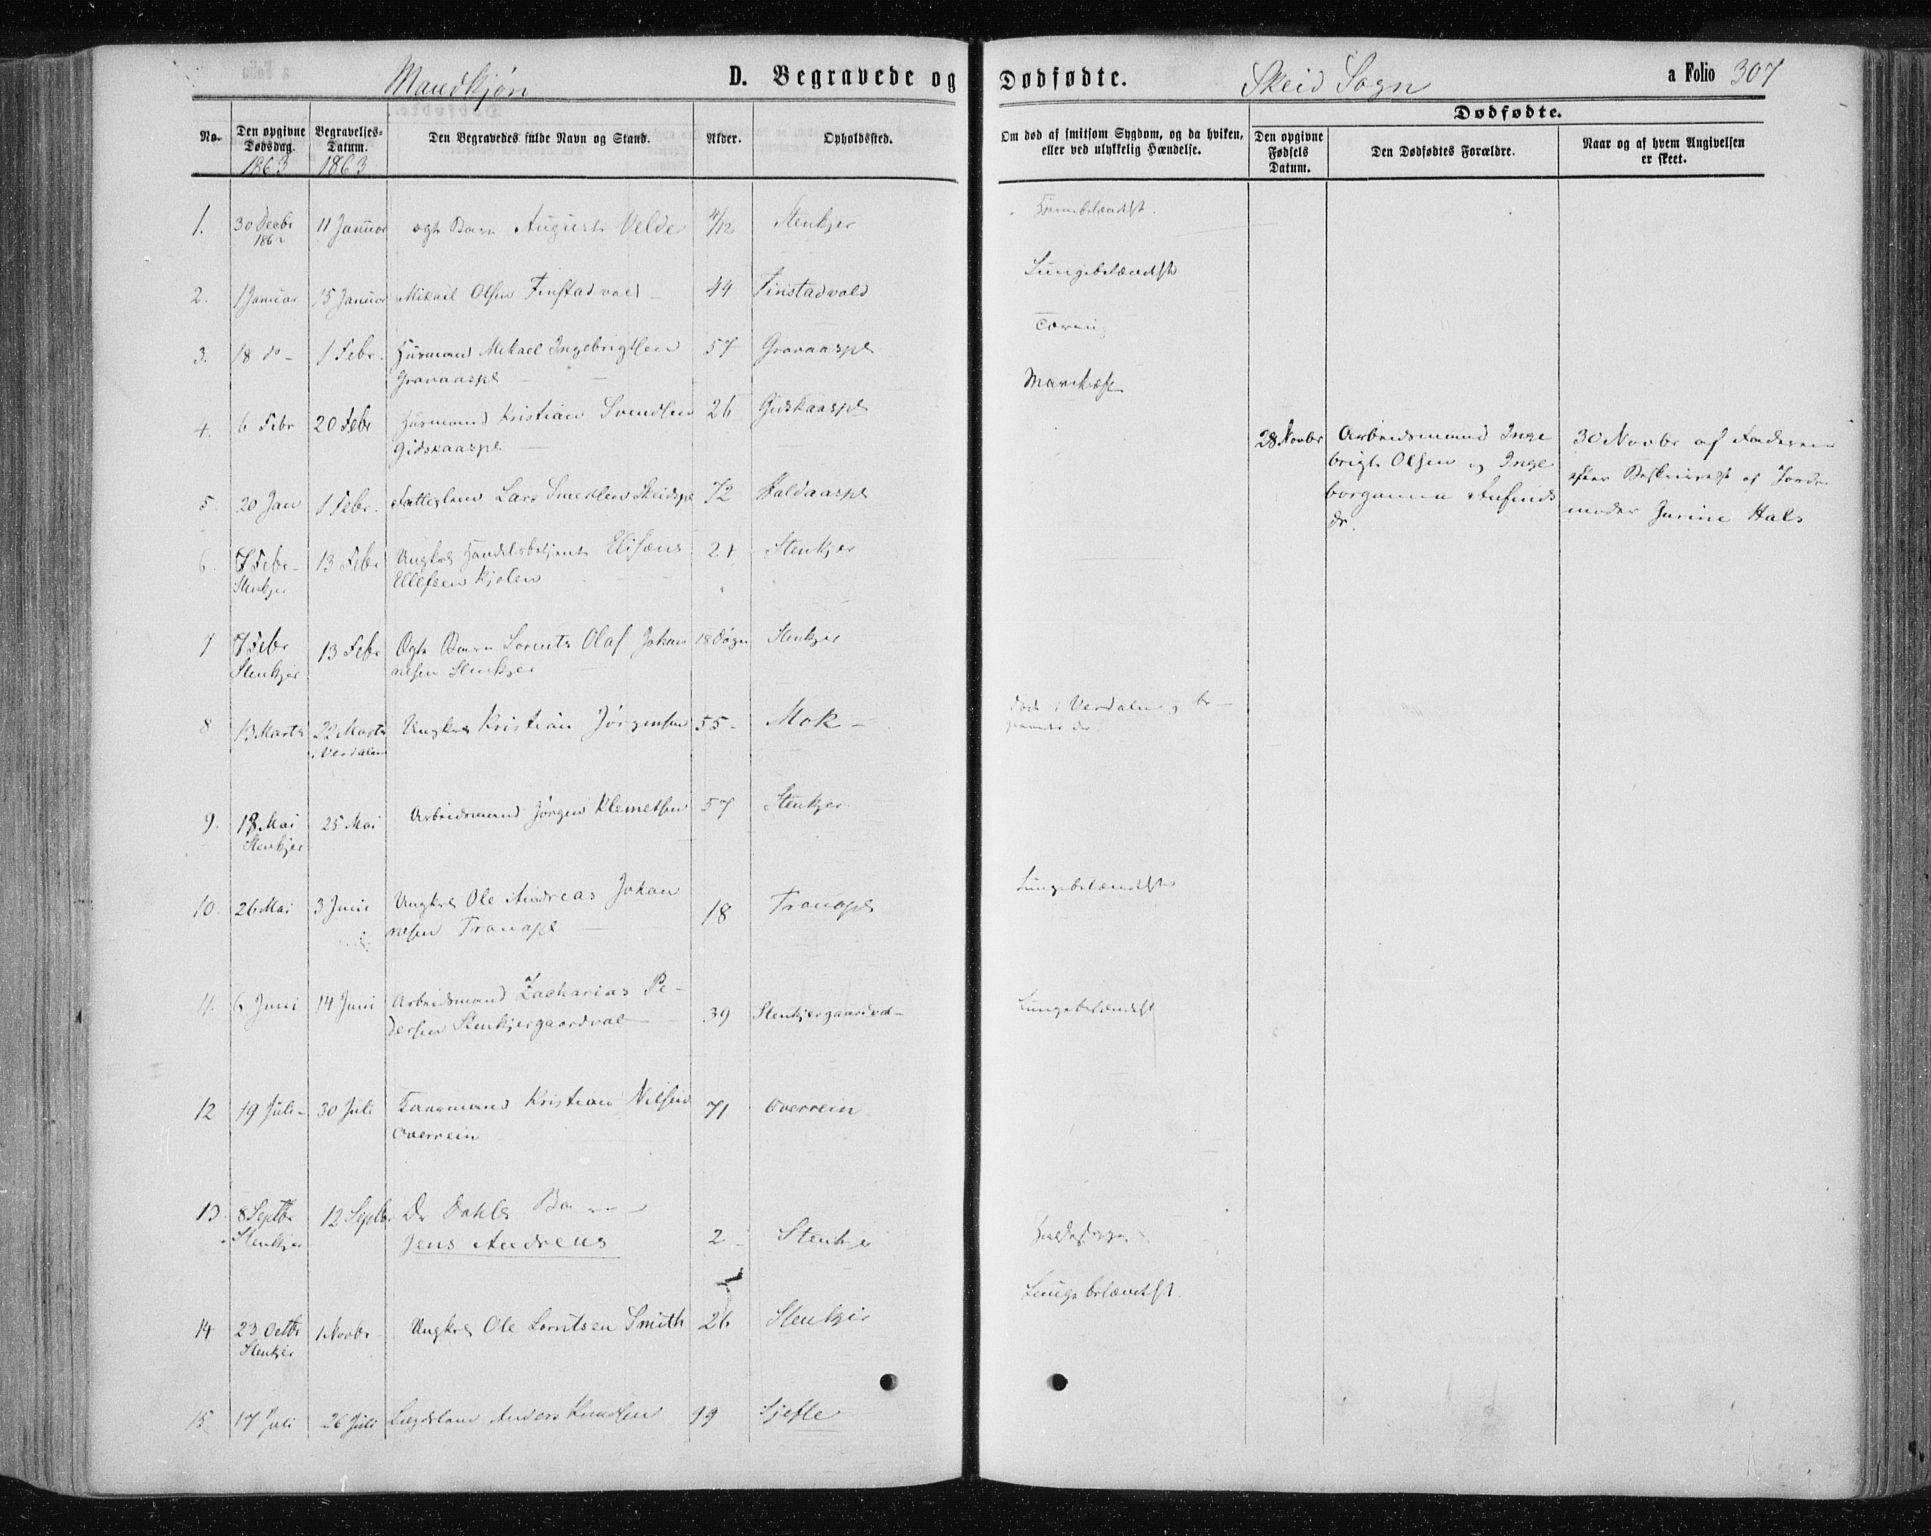 SAT, Ministerialprotokoller, klokkerbøker og fødselsregistre - Nord-Trøndelag, 735/L0345: Ministerialbok nr. 735A08 /2, 1863-1872, s. 307